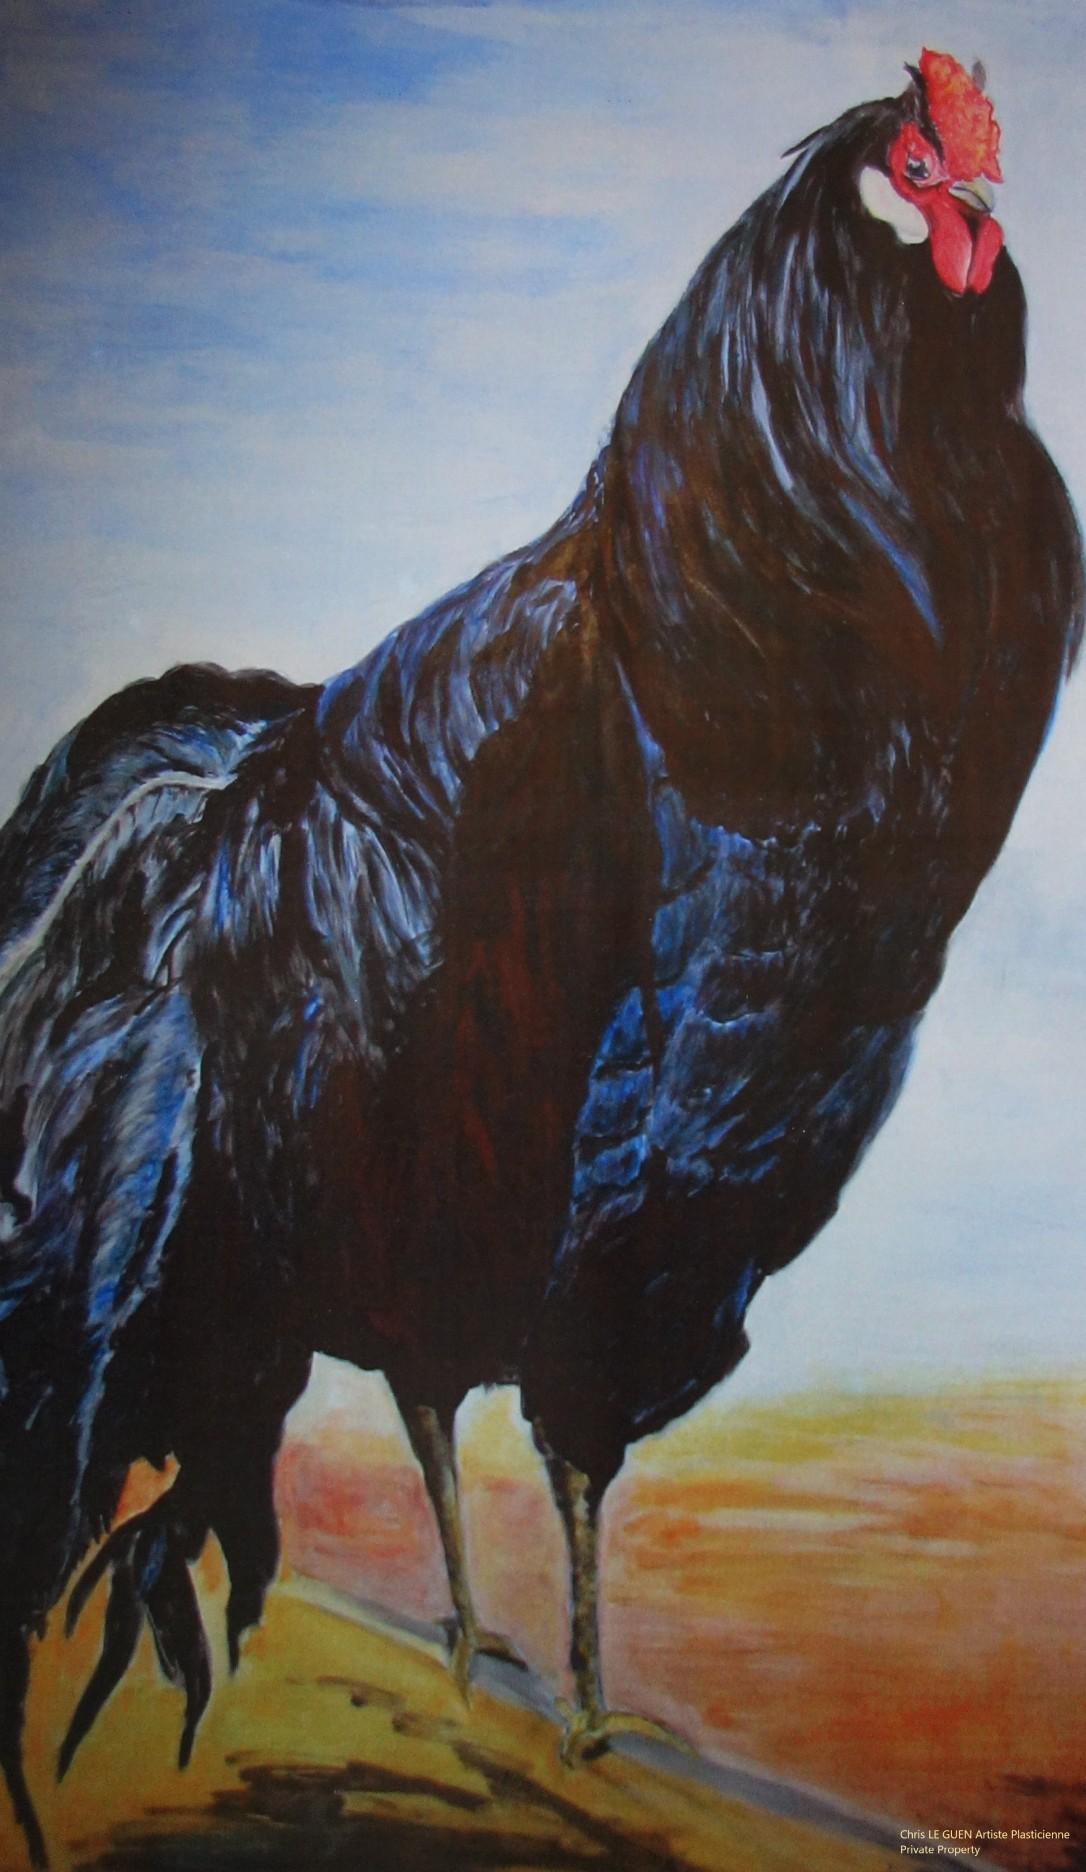 Coq N°1 a été peint par Chris Le Guen Artiste Plasticienne Peintre et Sculptrice